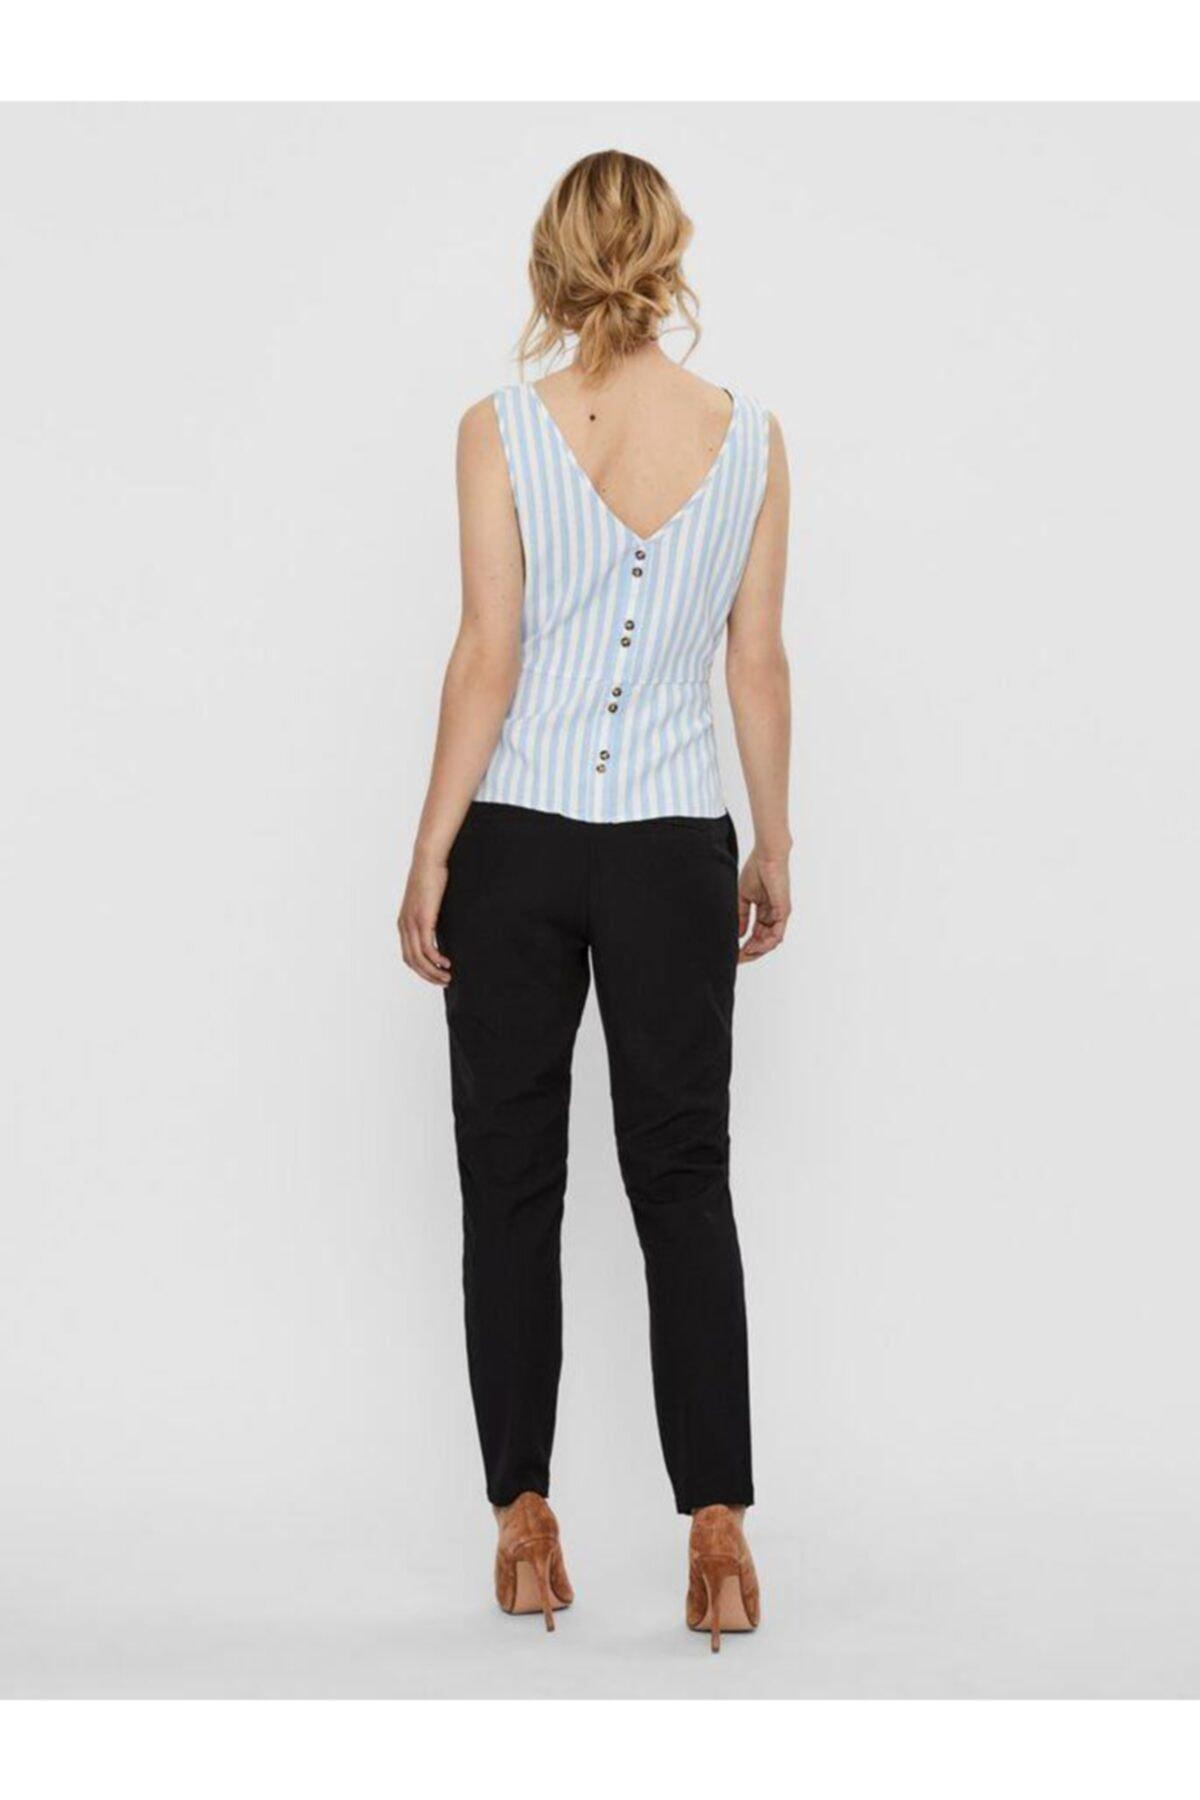 Vero Moda Kadın Mavi Düğme Detaylı Çizgili Keten Karışımlı Kolsuz Bluz 10226439 VMHELENMILO 2